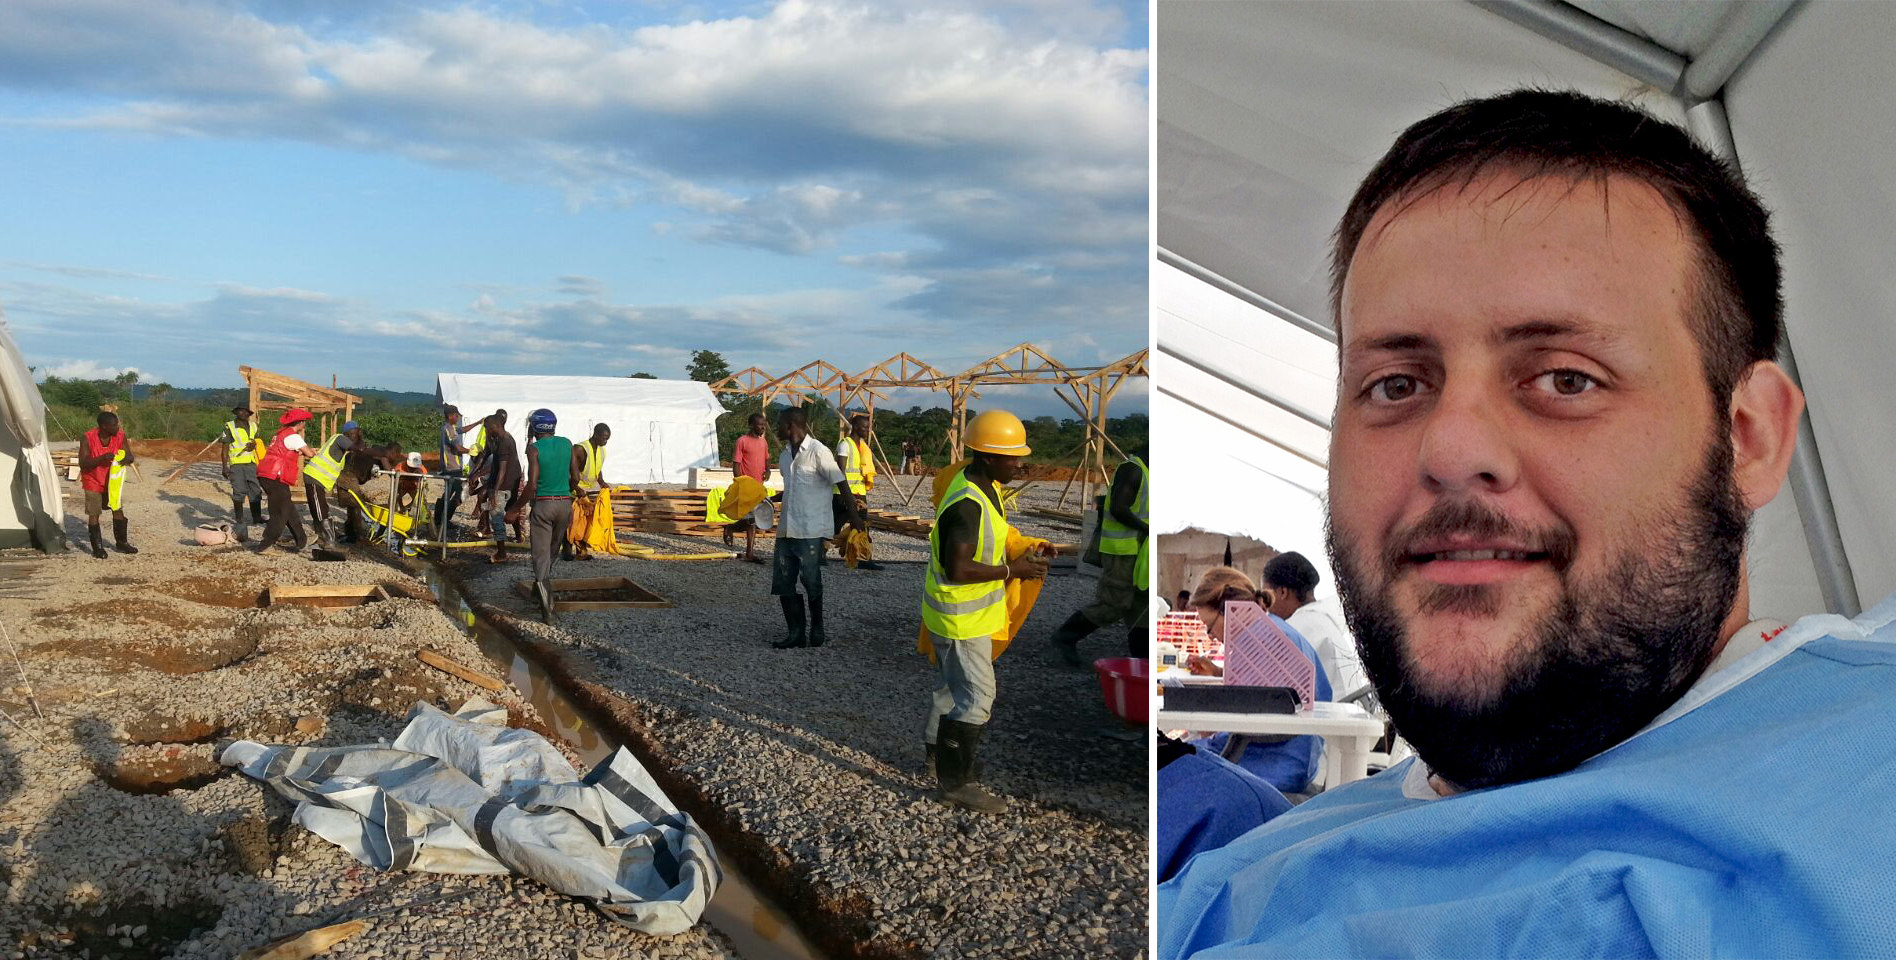 Enrique Villoslada, enfermero de Cruz Roja en Sierra Leona: